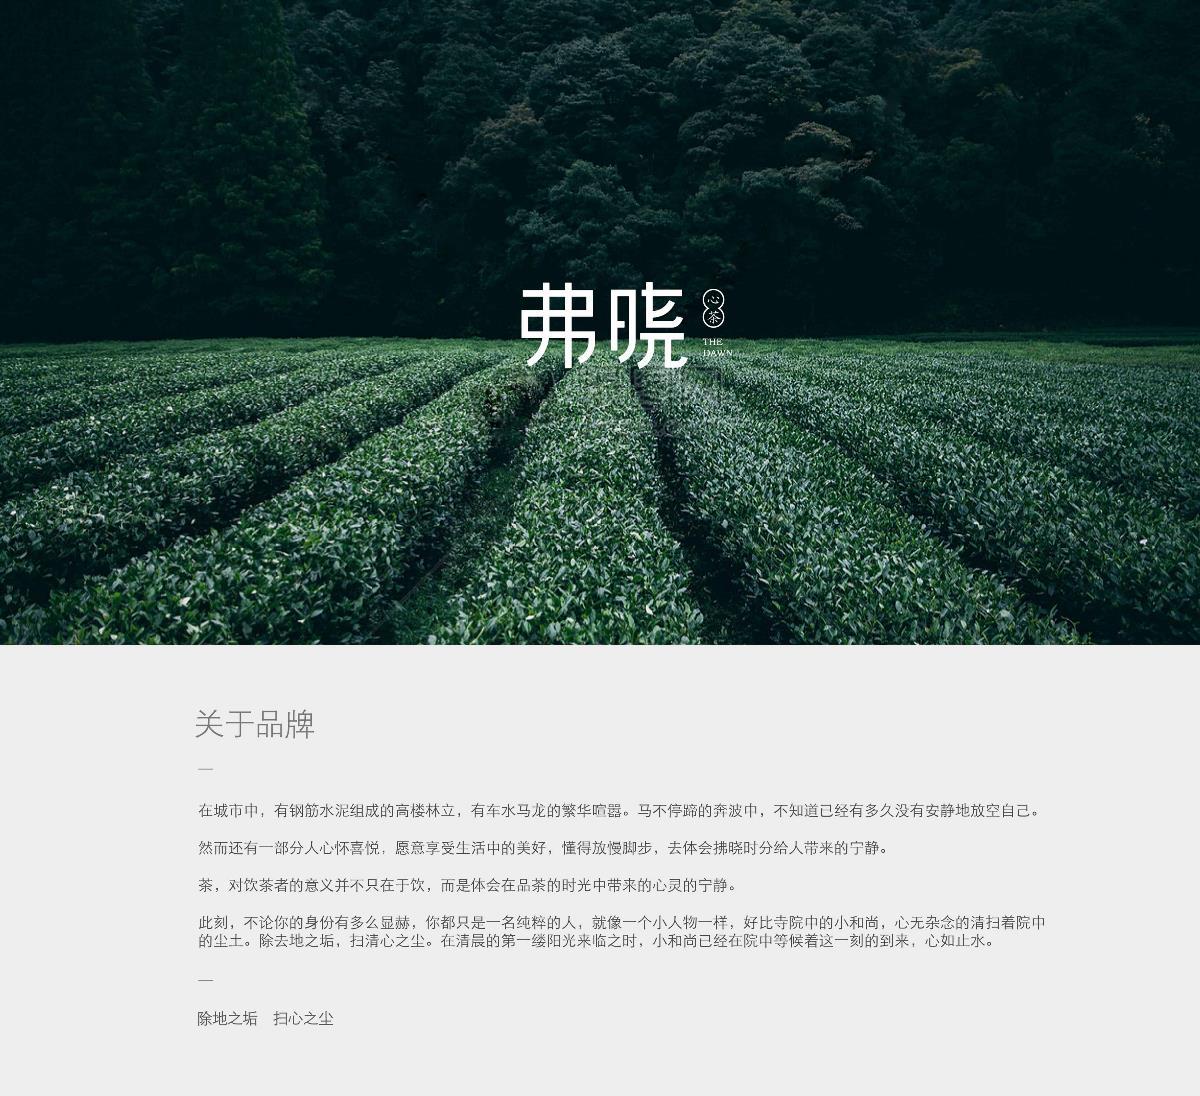 弗晓茶坊VI设计提案